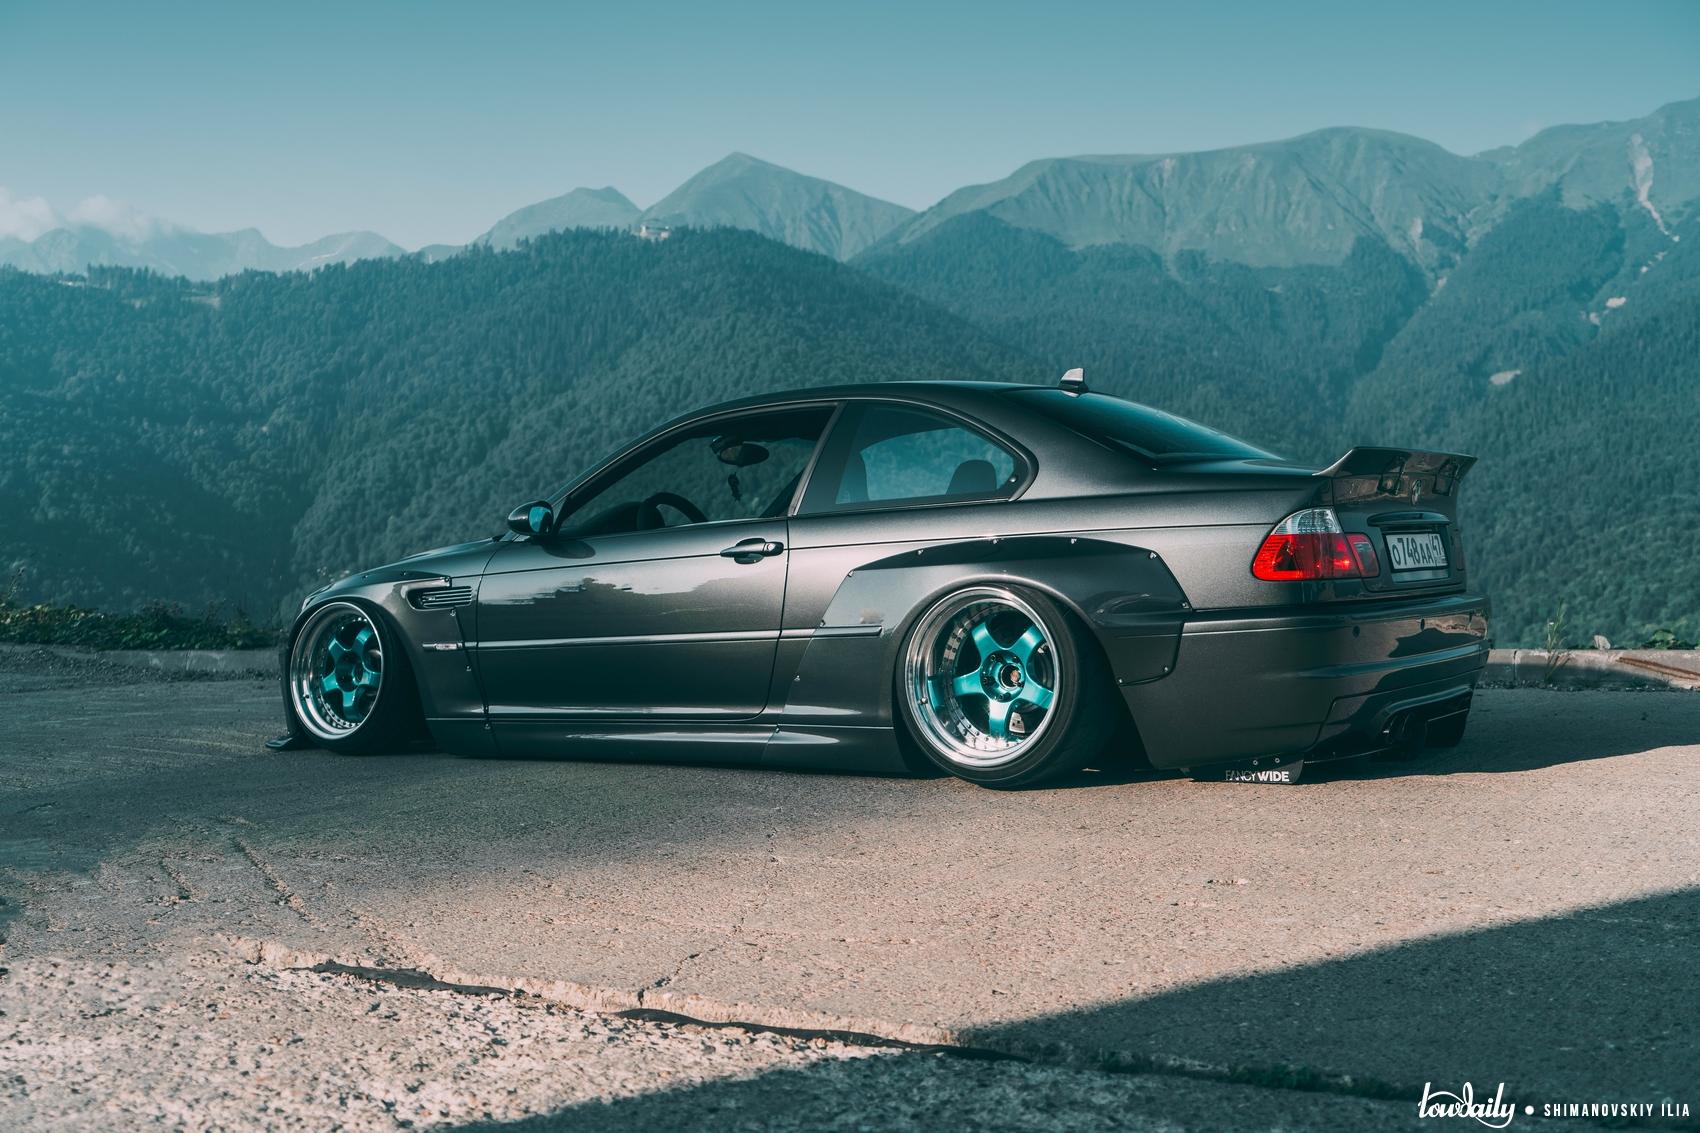 DSC03905 BMW E46 M3 Pandem Fancywide